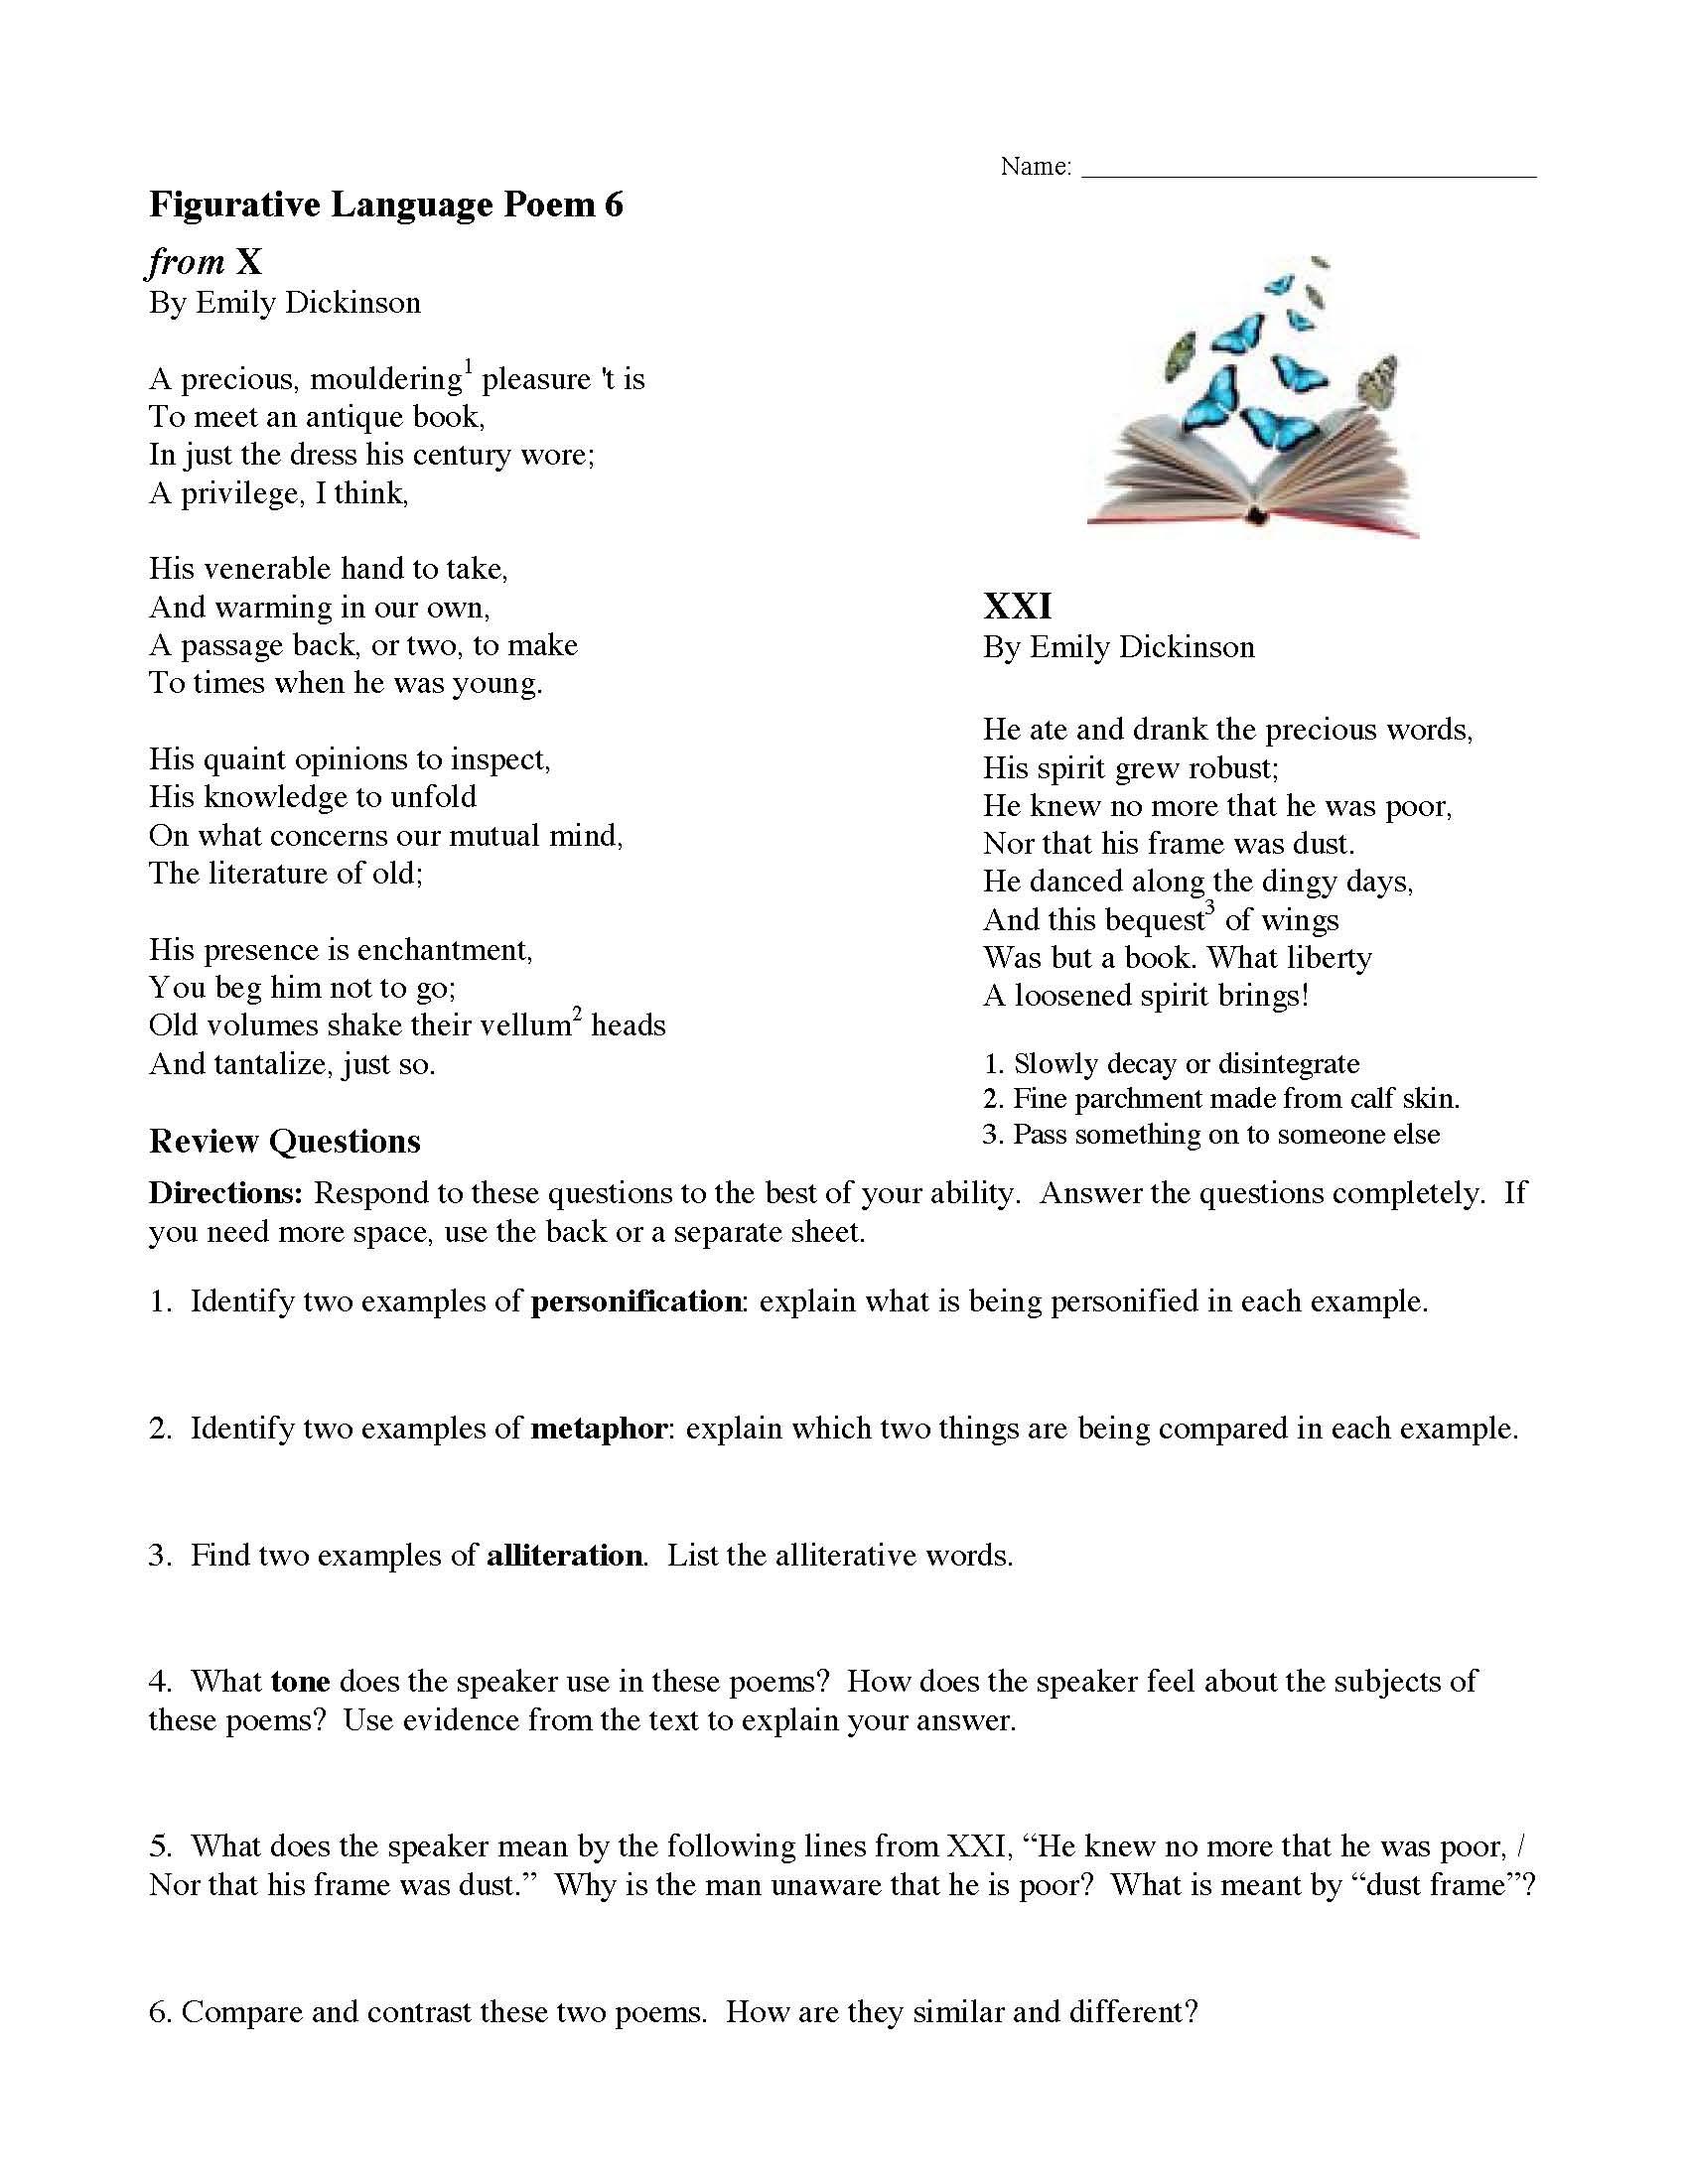 Figurative Language Poem 1 Answer Key